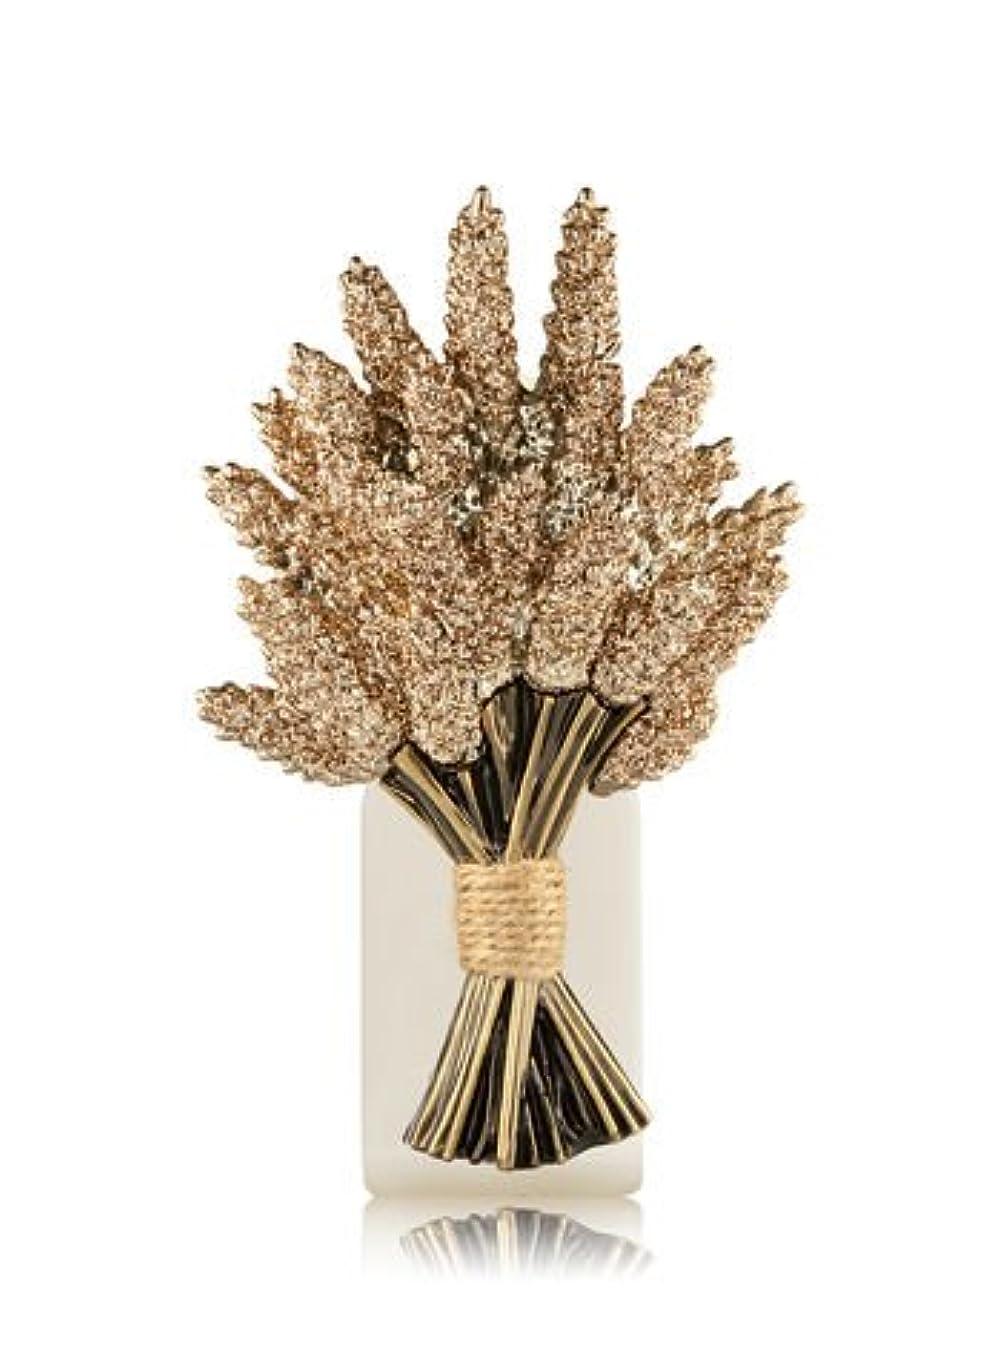 滞在手足クルー【Bath&Body Works/バス&ボディワークス】 ルームフレグランス プラグインスターター (本体のみ) シマリングウィートバンドル Wallflowers Fragrance Plug Shimmering Wheat...